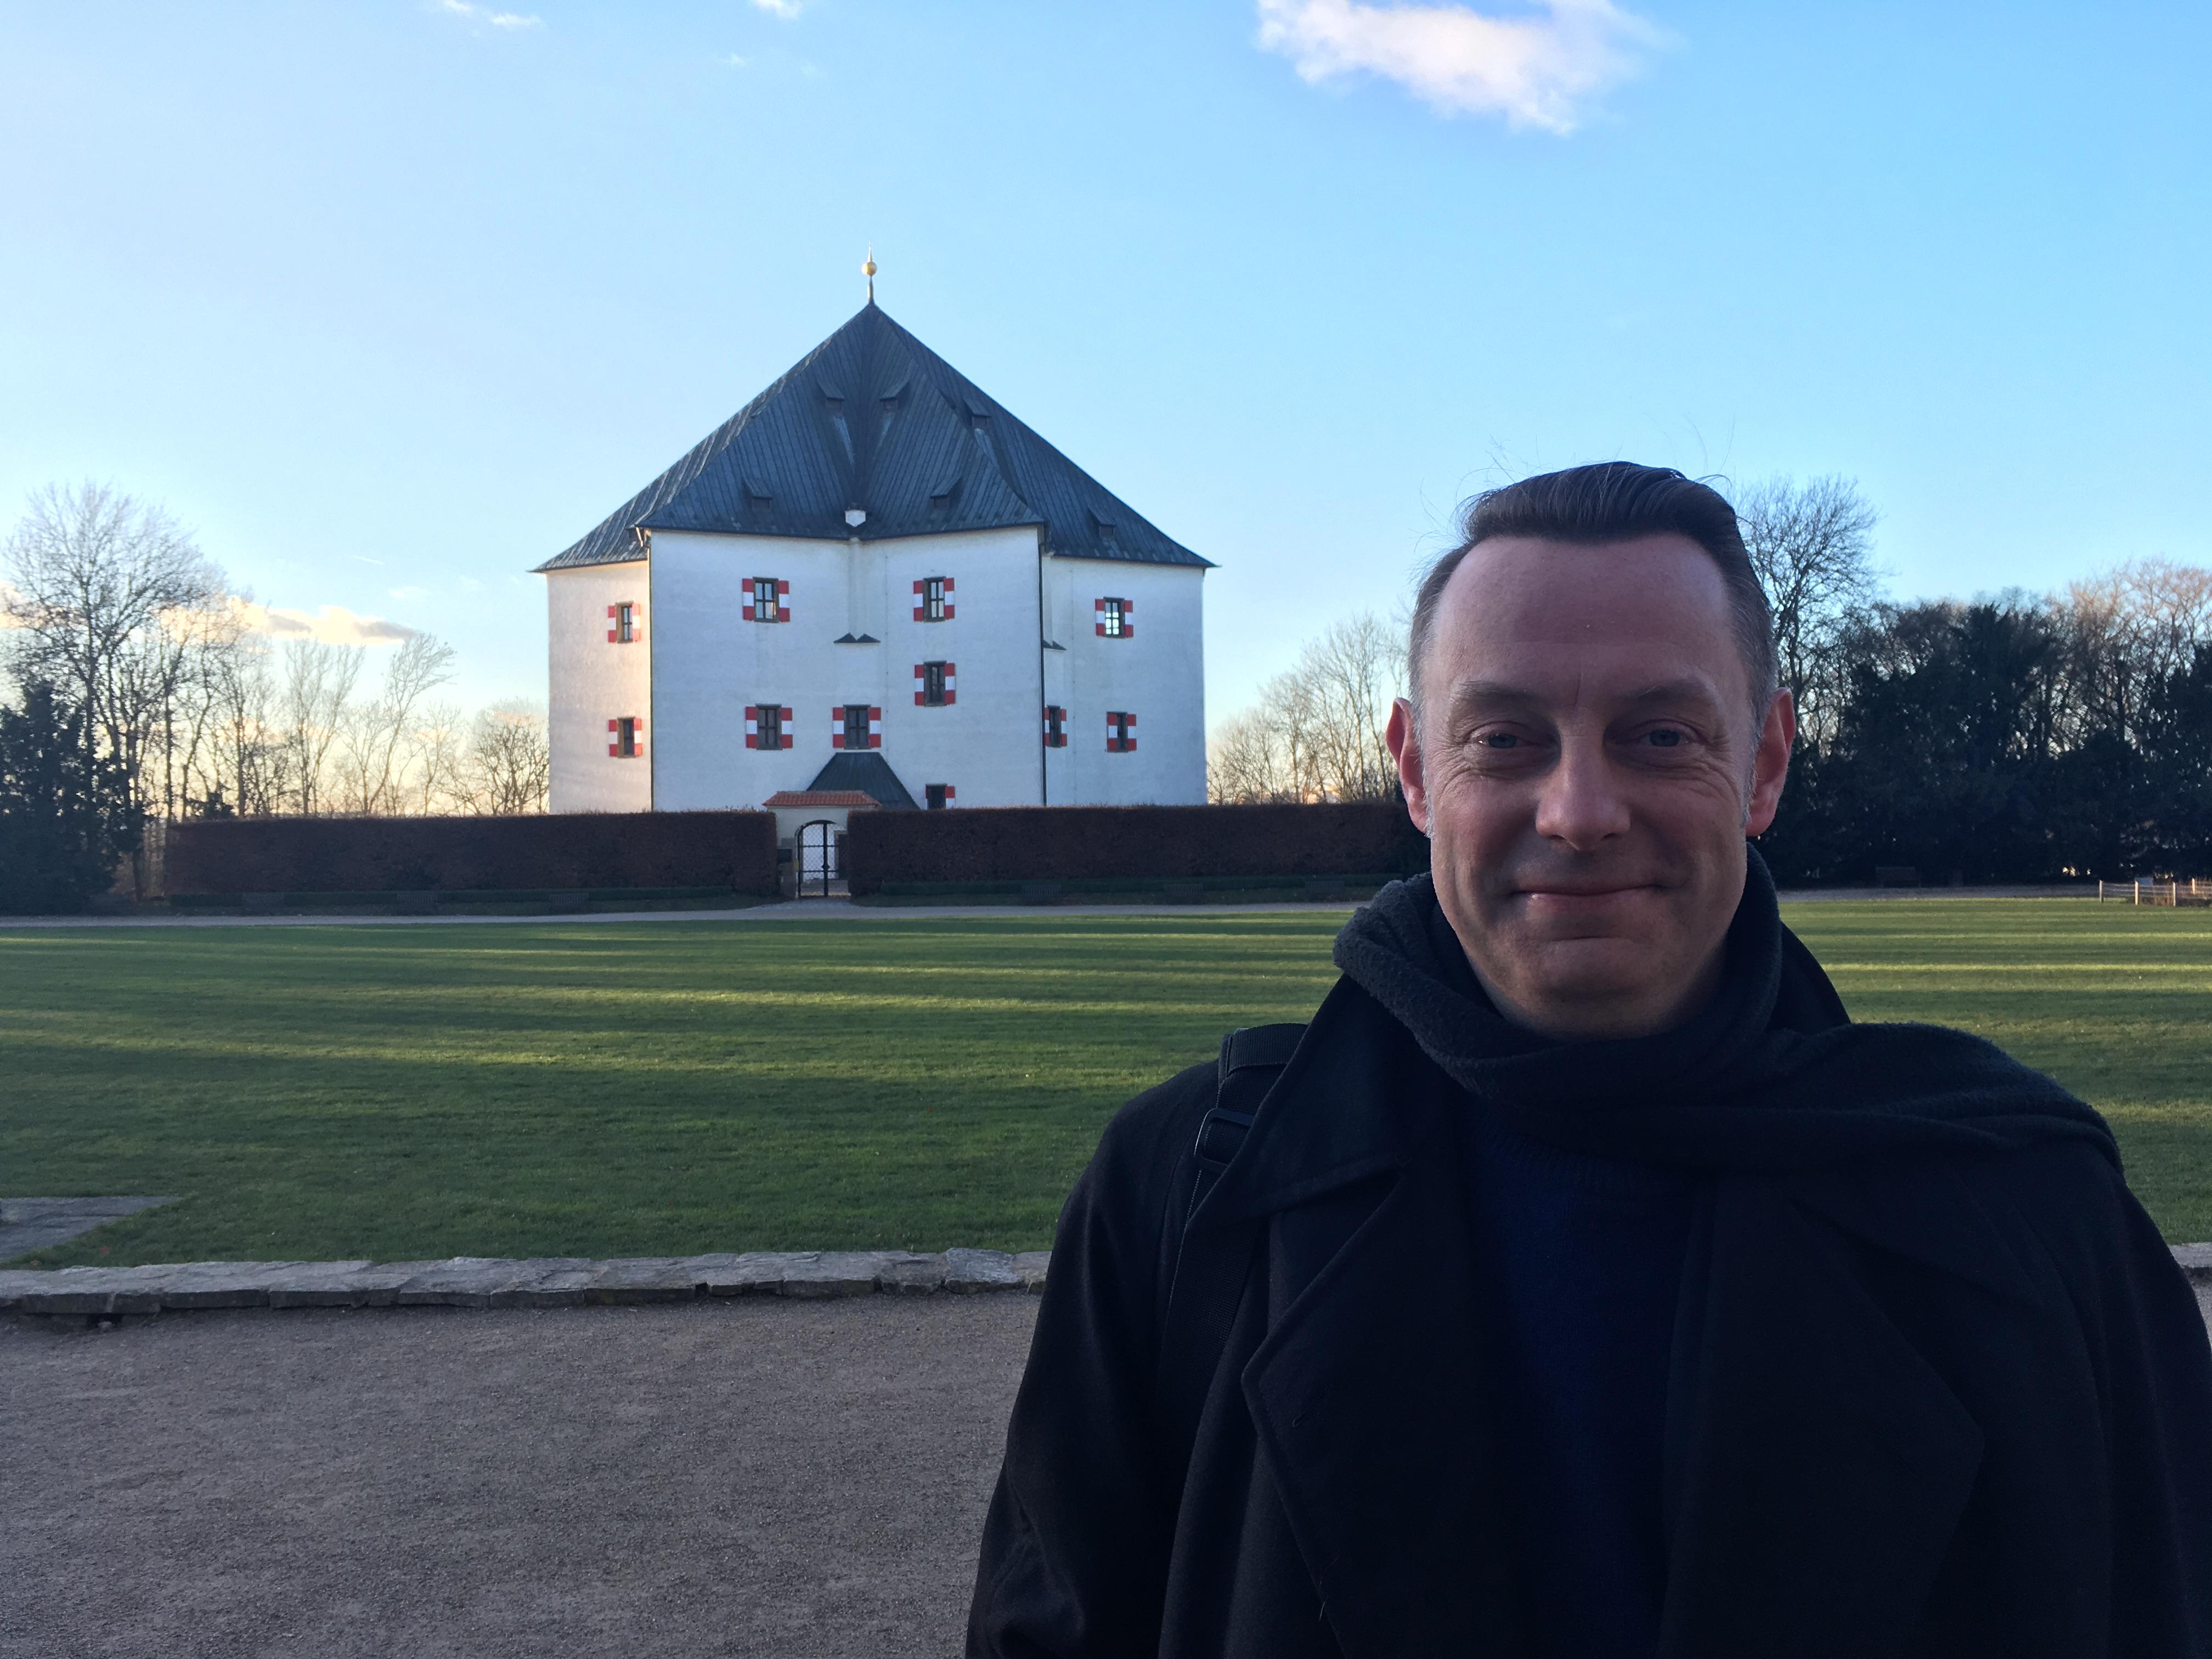 Richard Drury in front of Letohrádek Hvězda, photo: Ian Willoughby